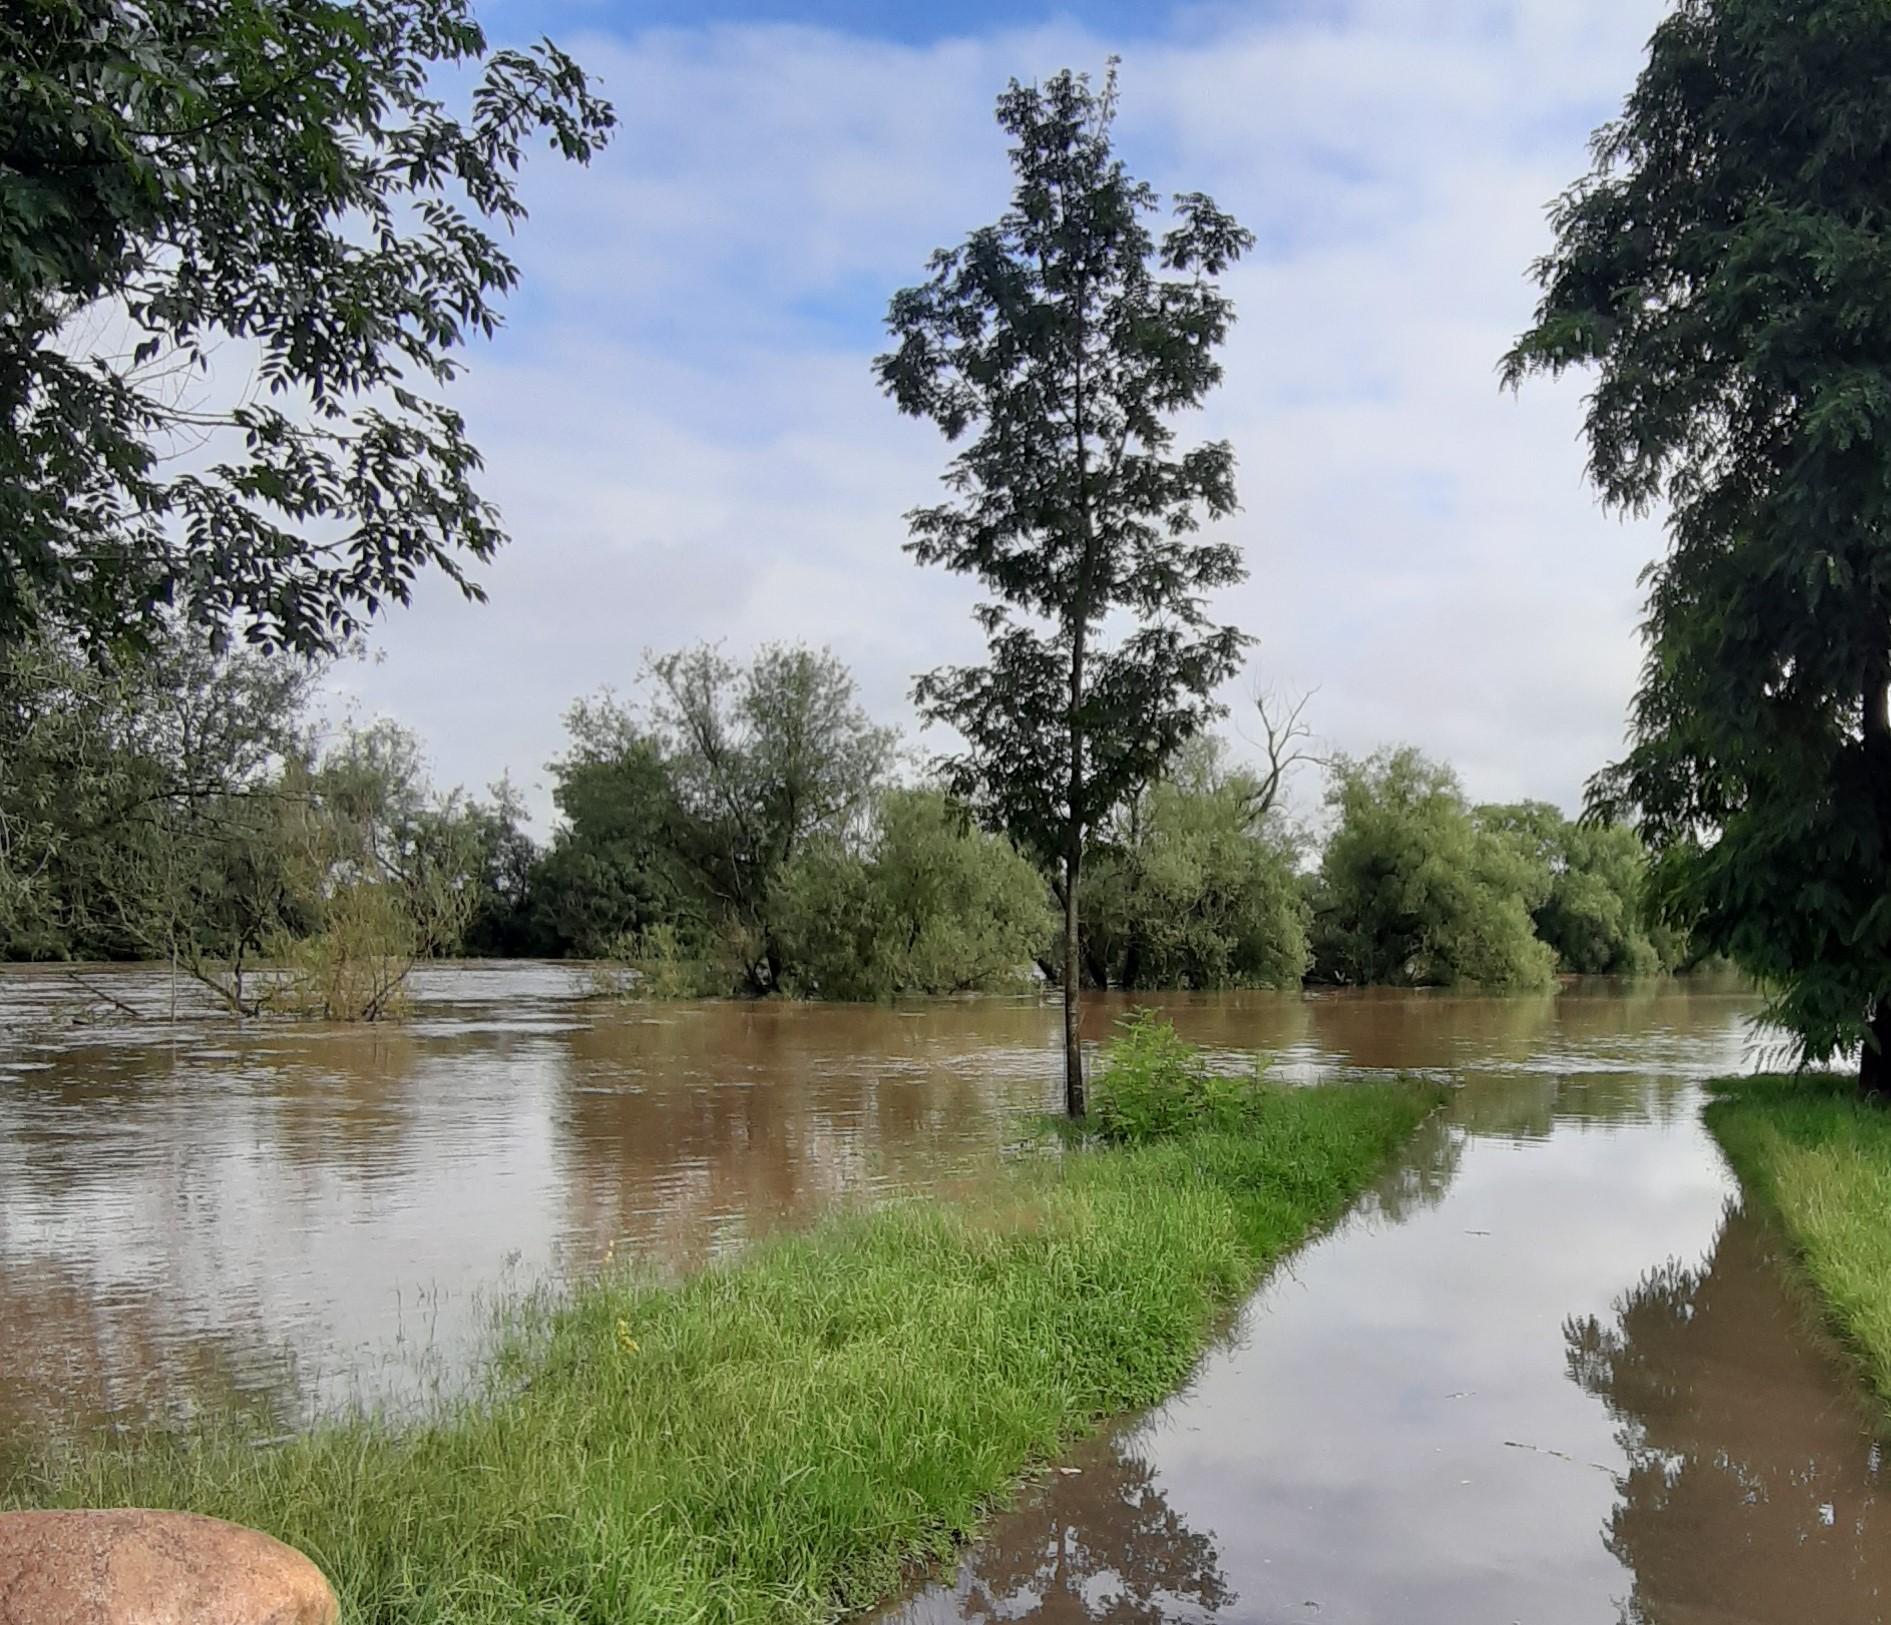 1 Monat nach der Flut – Diskussionspapier zu Schlussfolgerungen aus der Hochwasser-Katastrophe Juli 2021